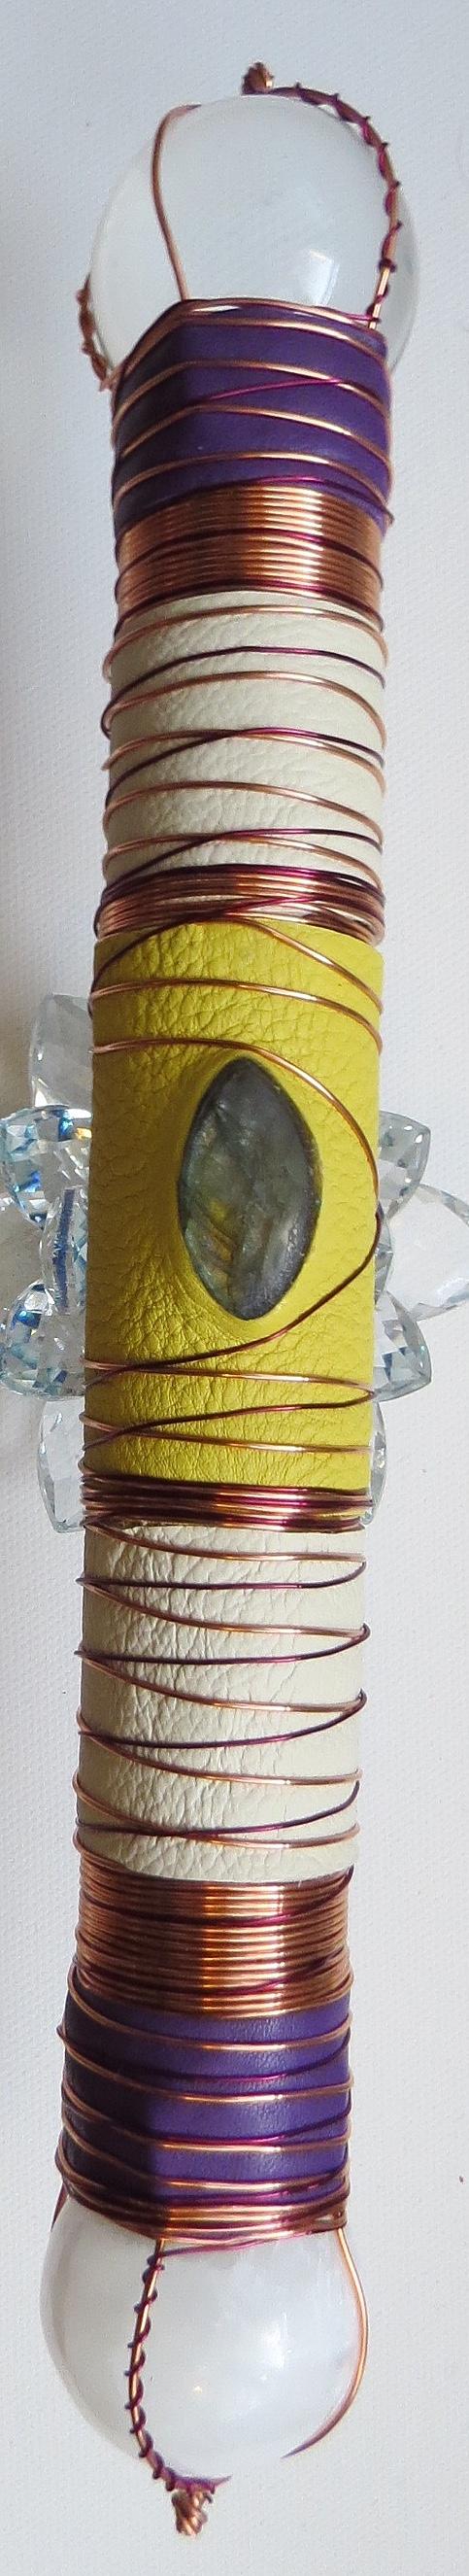 Rutilated Crystal Healing Wand